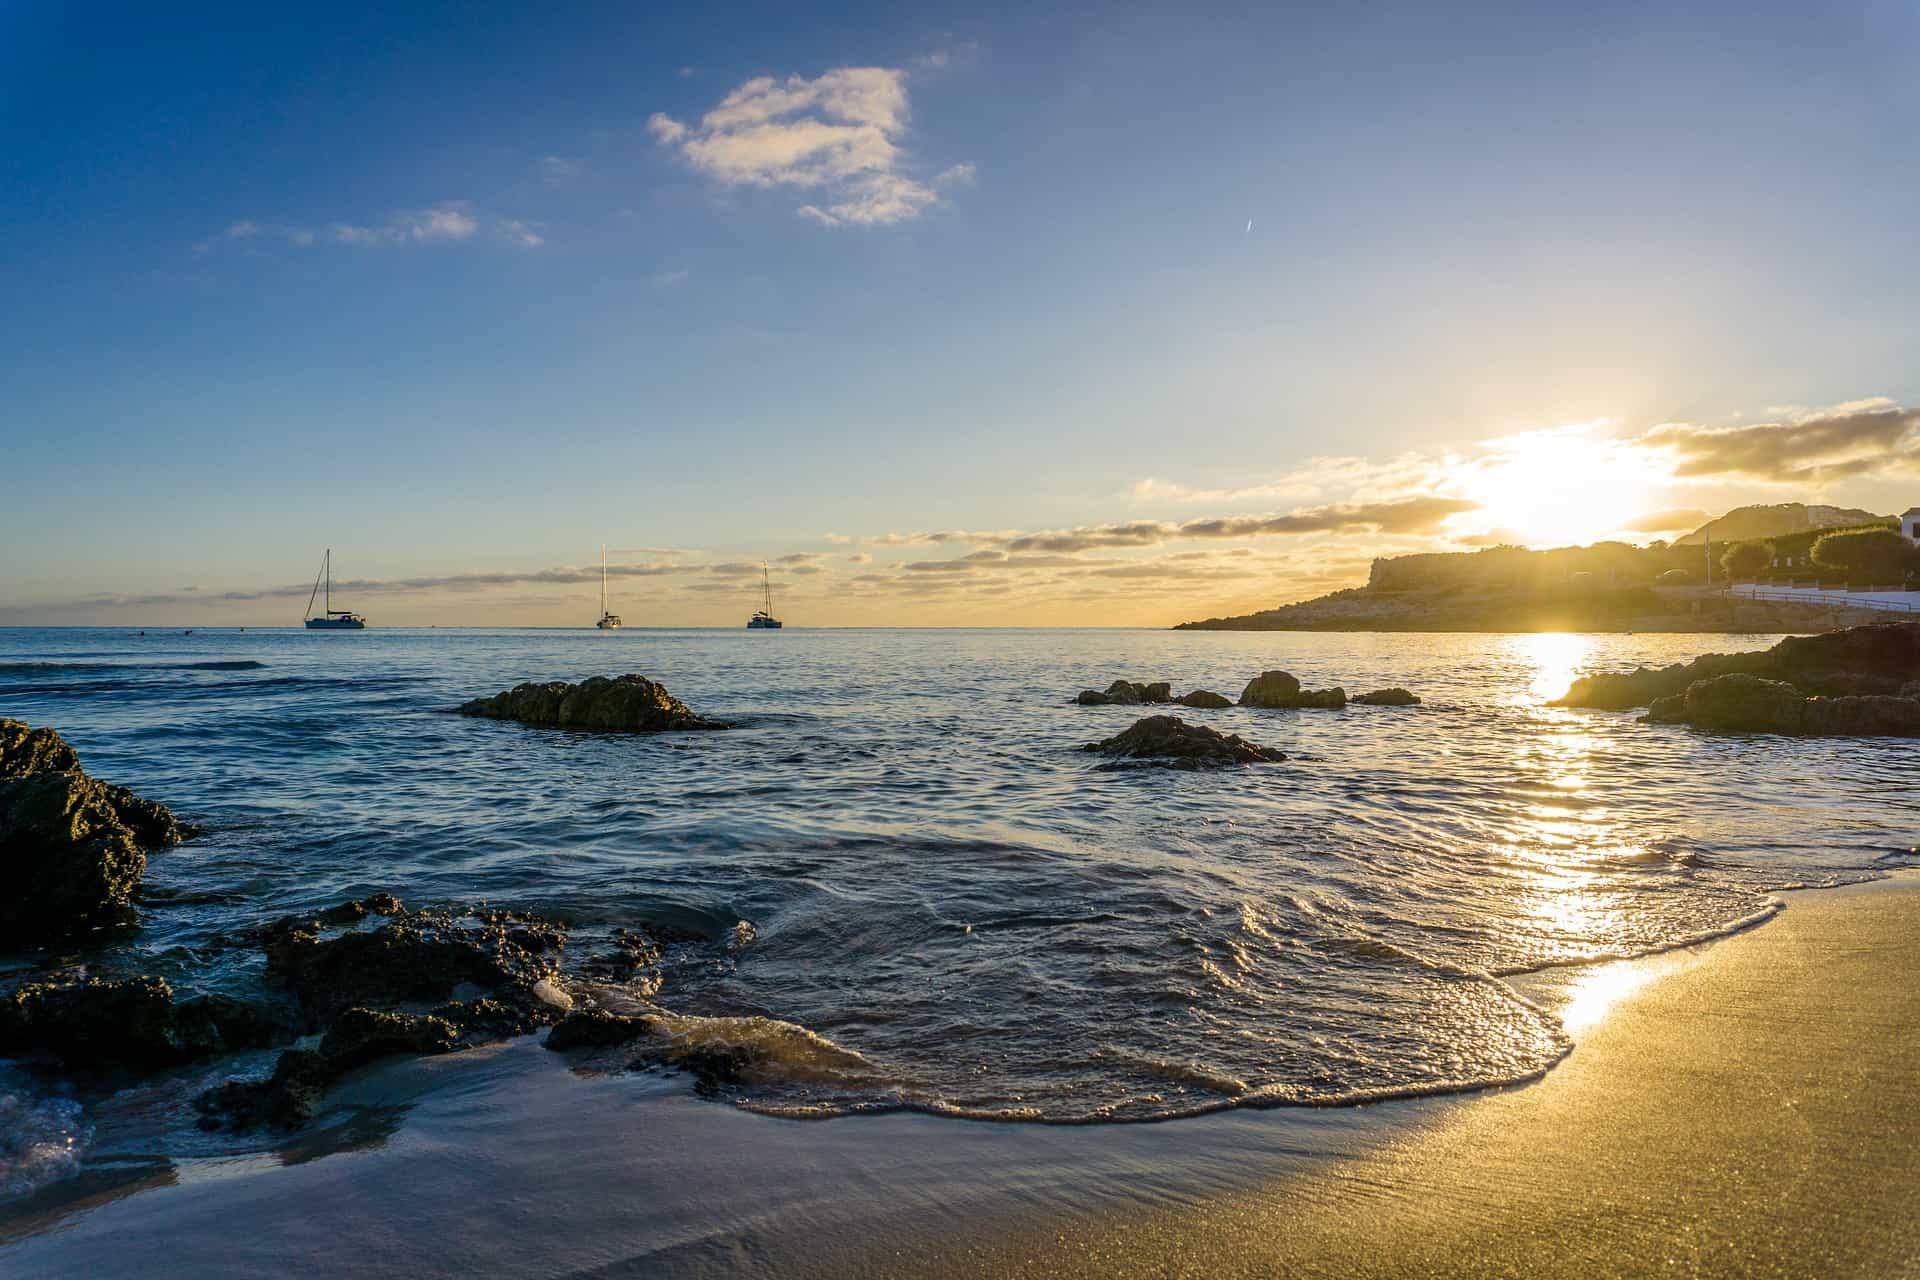 Diesen Sonnenuntergang kannst du jetzt 23 Tage zum Bestpreis genießen